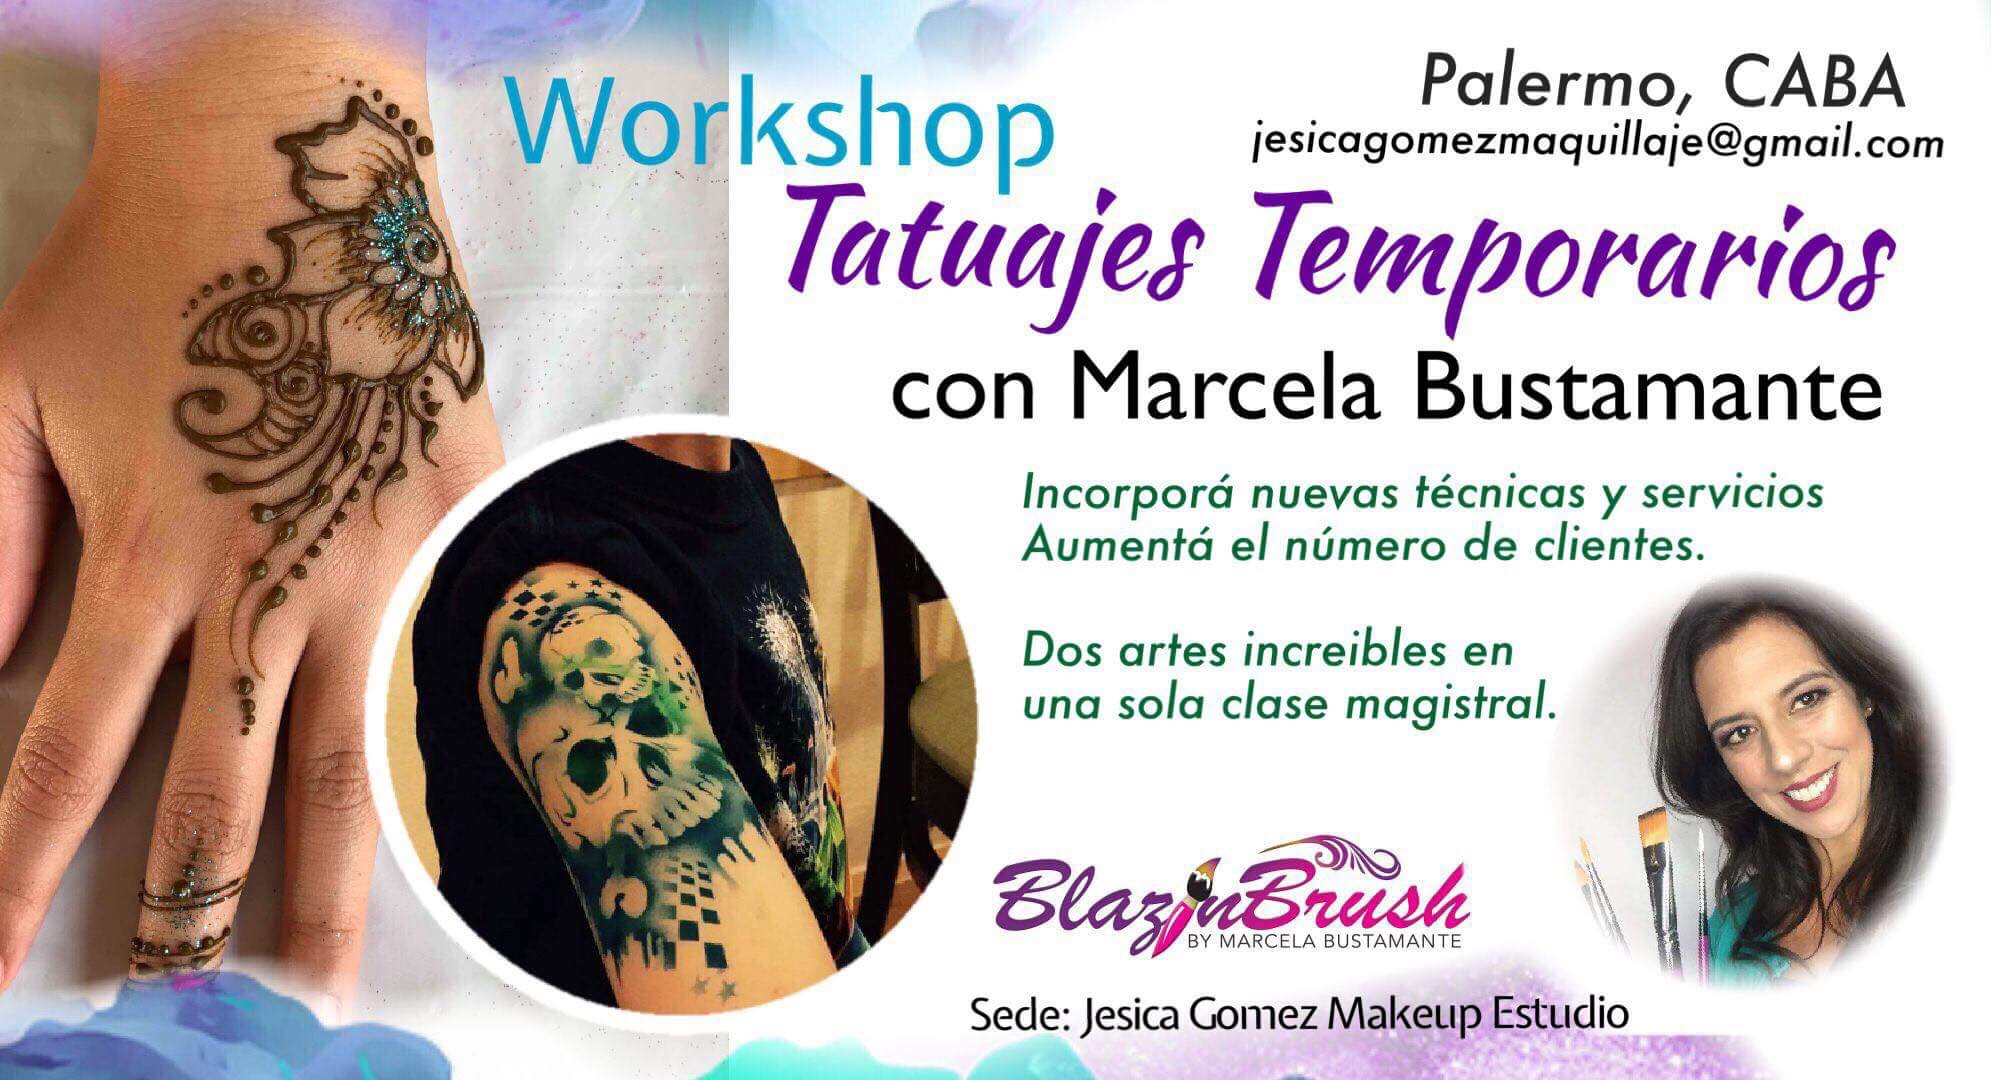 Tatuajes Temporarios en Palermo